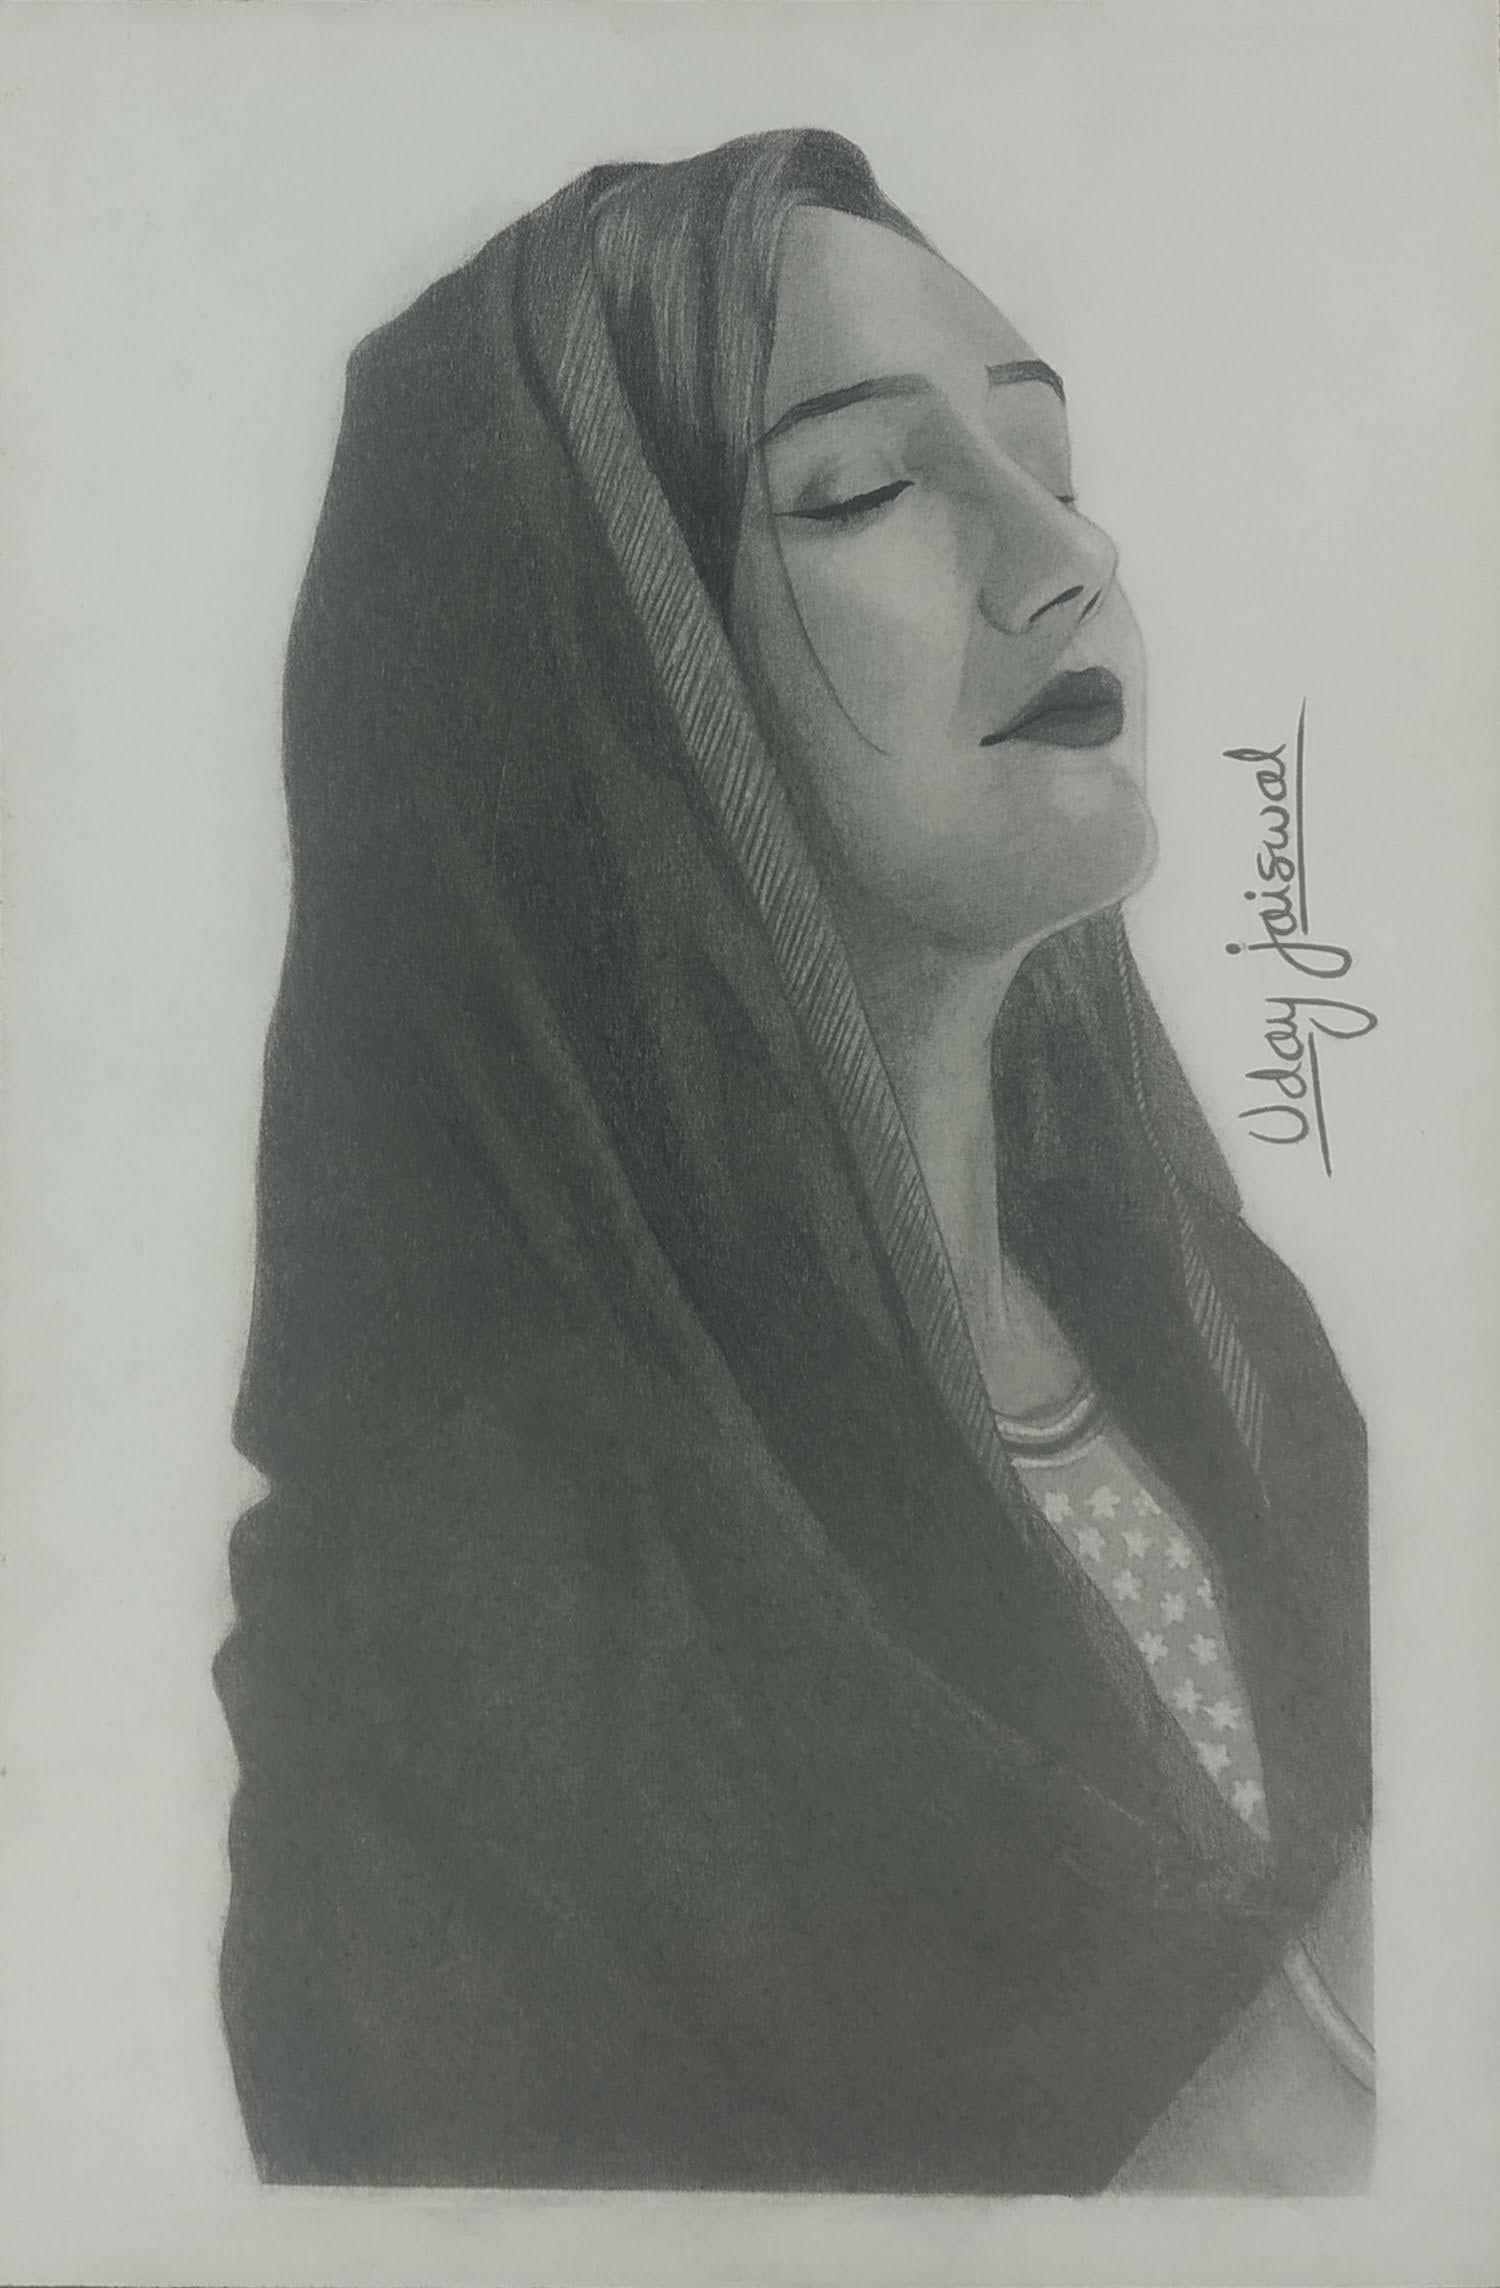 Ms. Ashnoor Kaur Praying